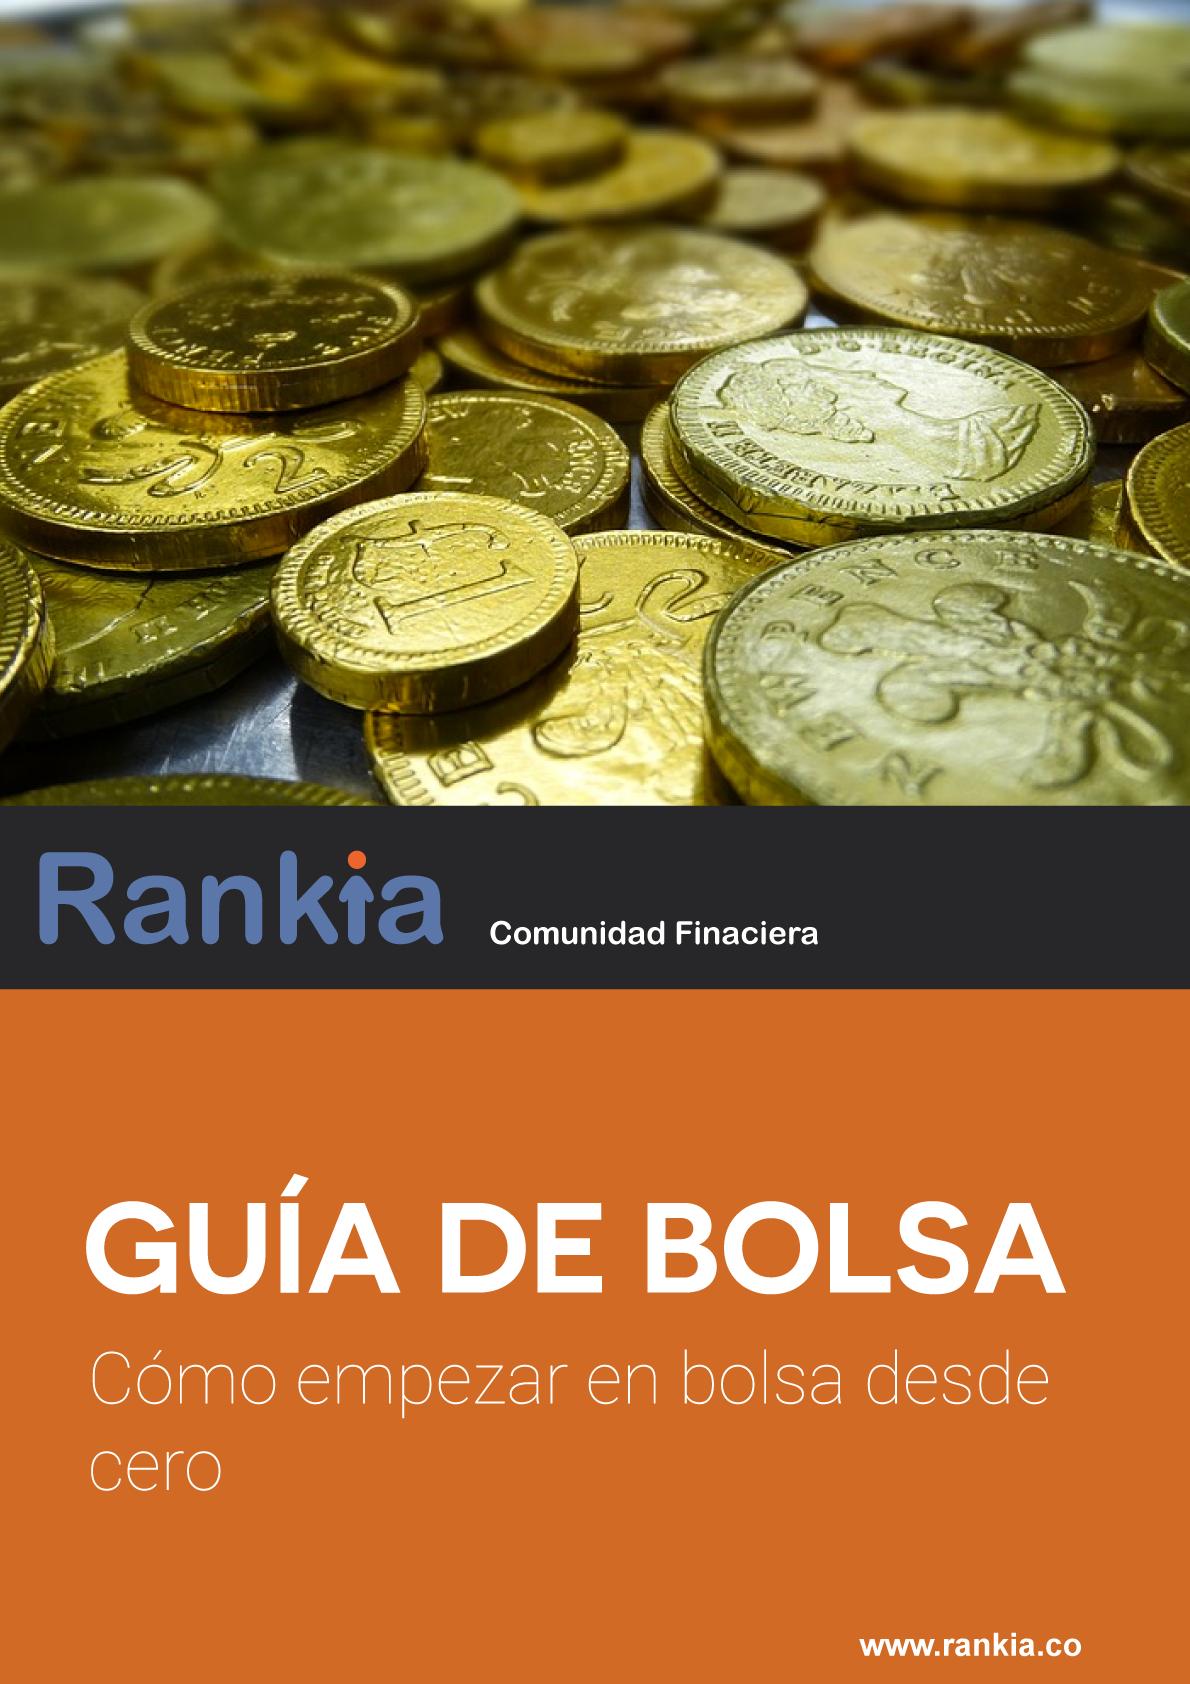 Guía de bolsa Colombia